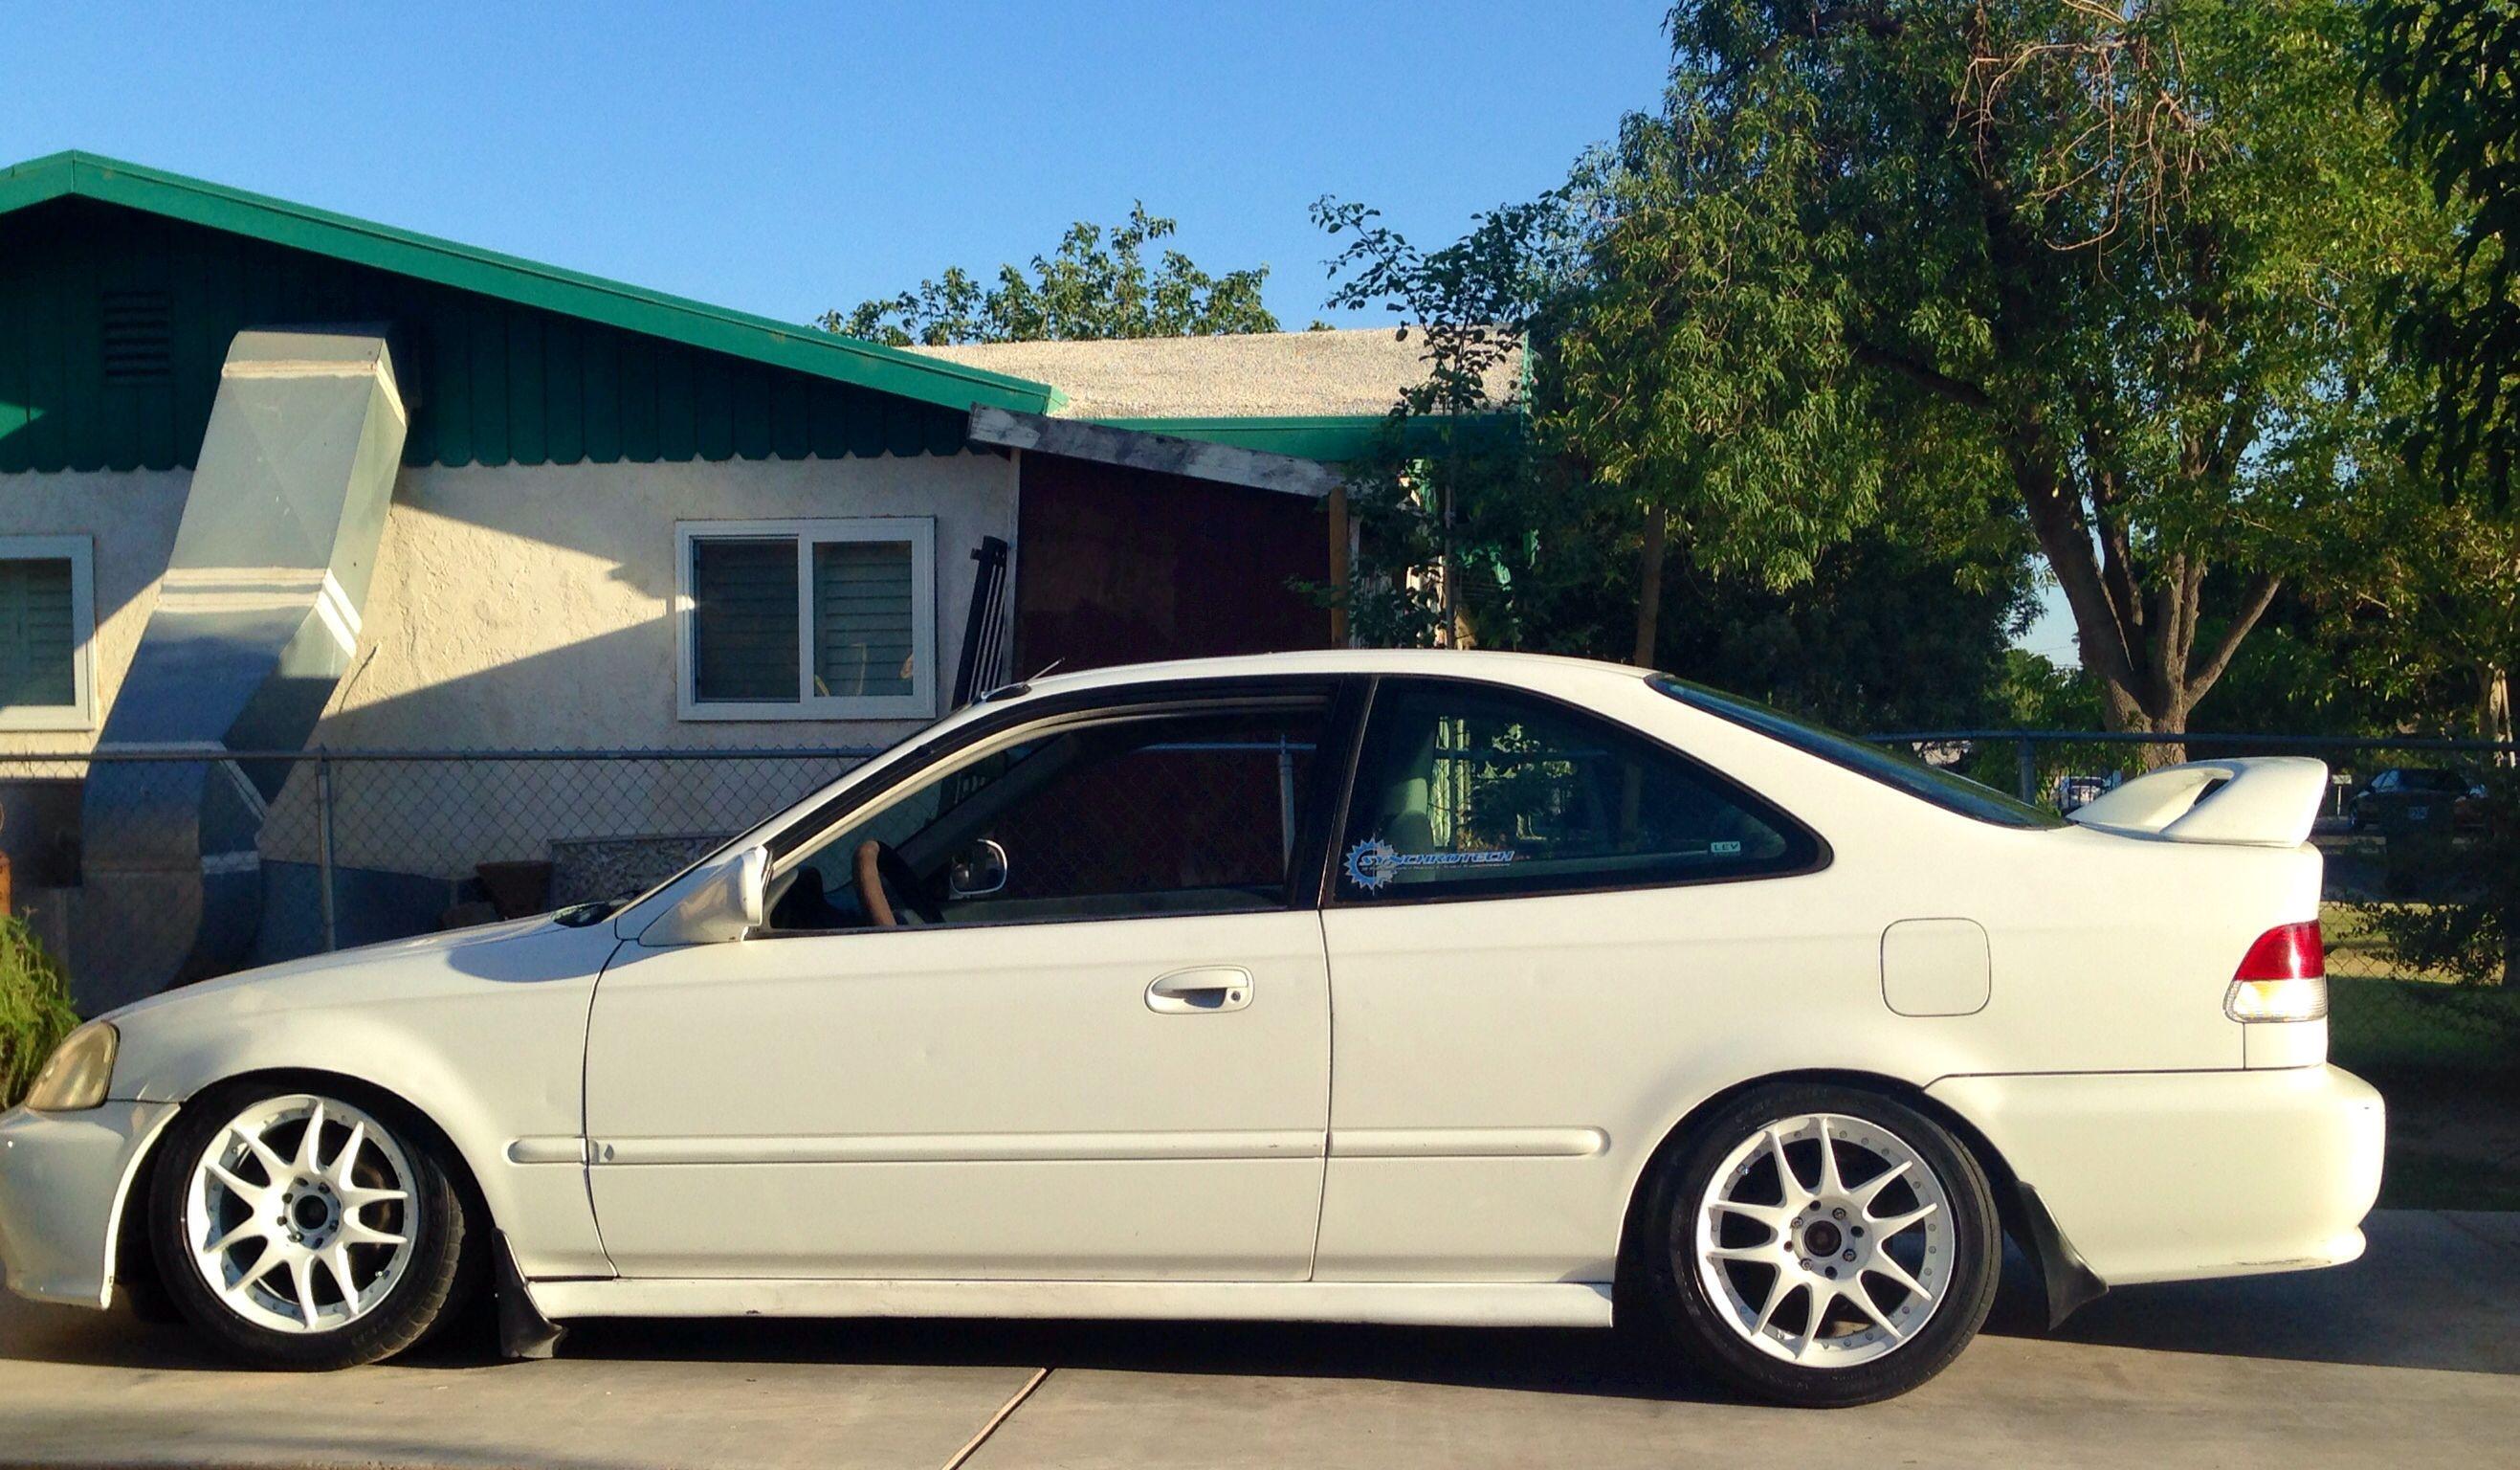 White Ek Coupe Honda Civic Honda Civic